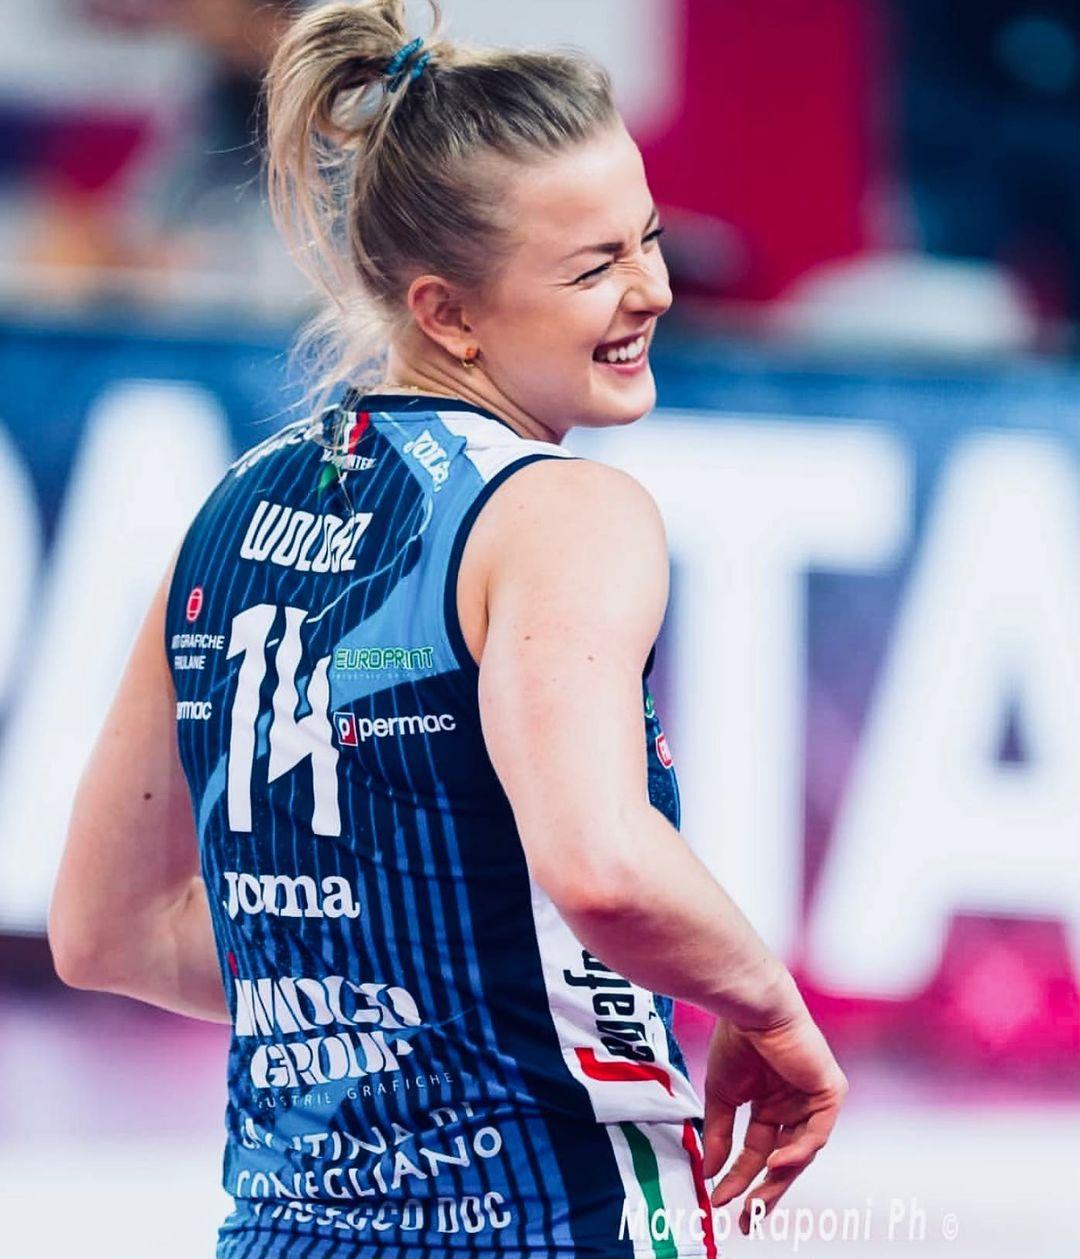 Phấn khích sau chức vô địch, nữ VĐV bóng chuyền xinh đẹp lột sạch quần áo để tạo nên màn ăn mừng táo bạo - ảnh 8